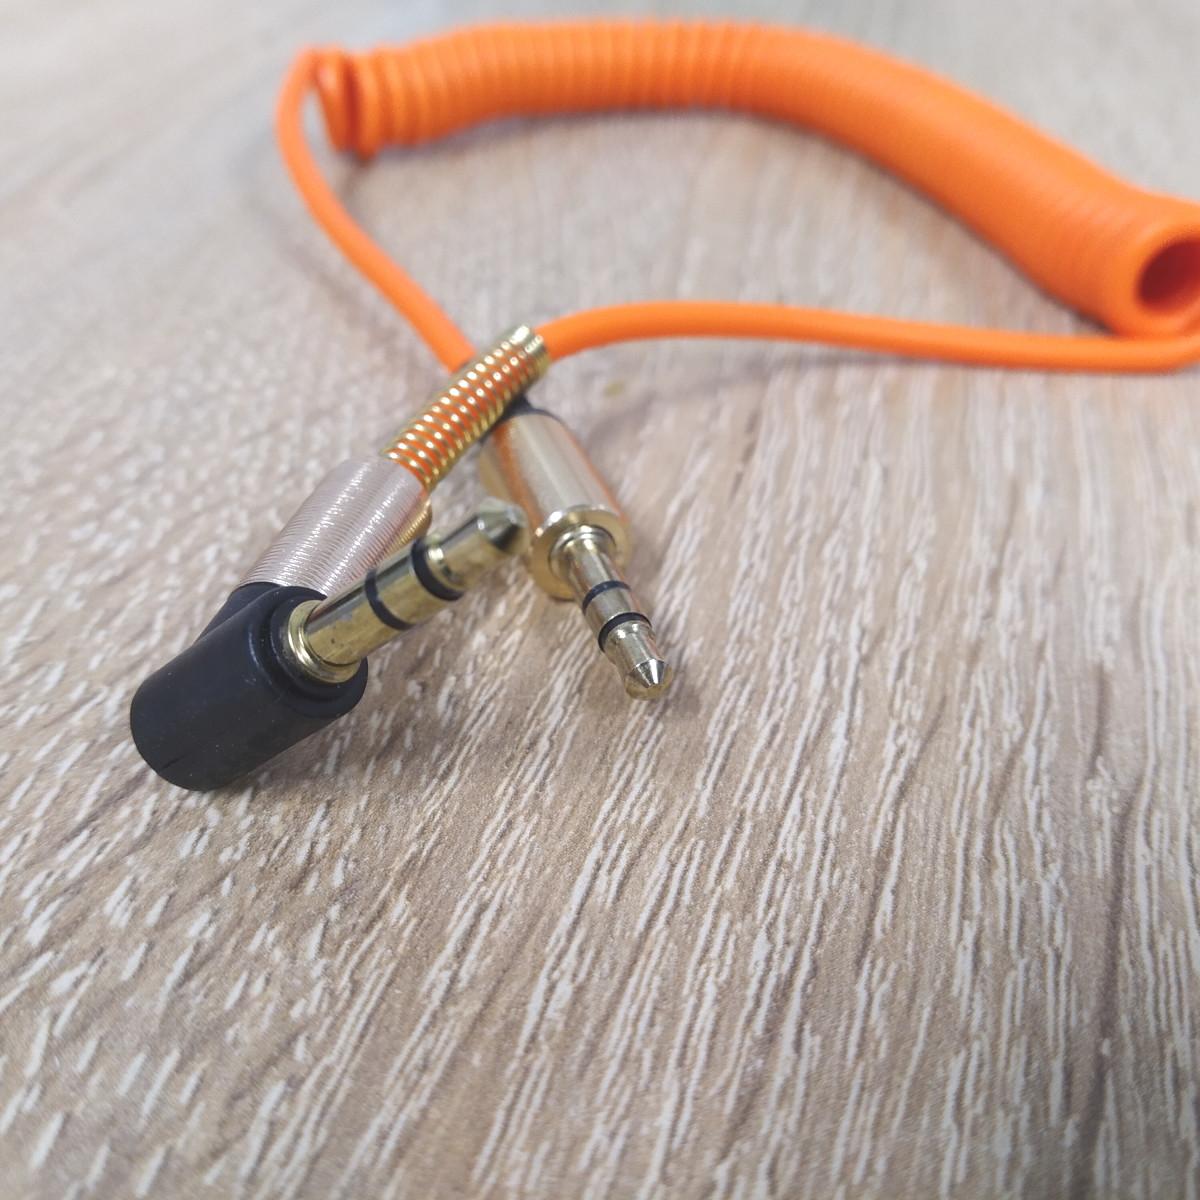 Xinphone Аудио кабель 3.5 aux audio cable Orange